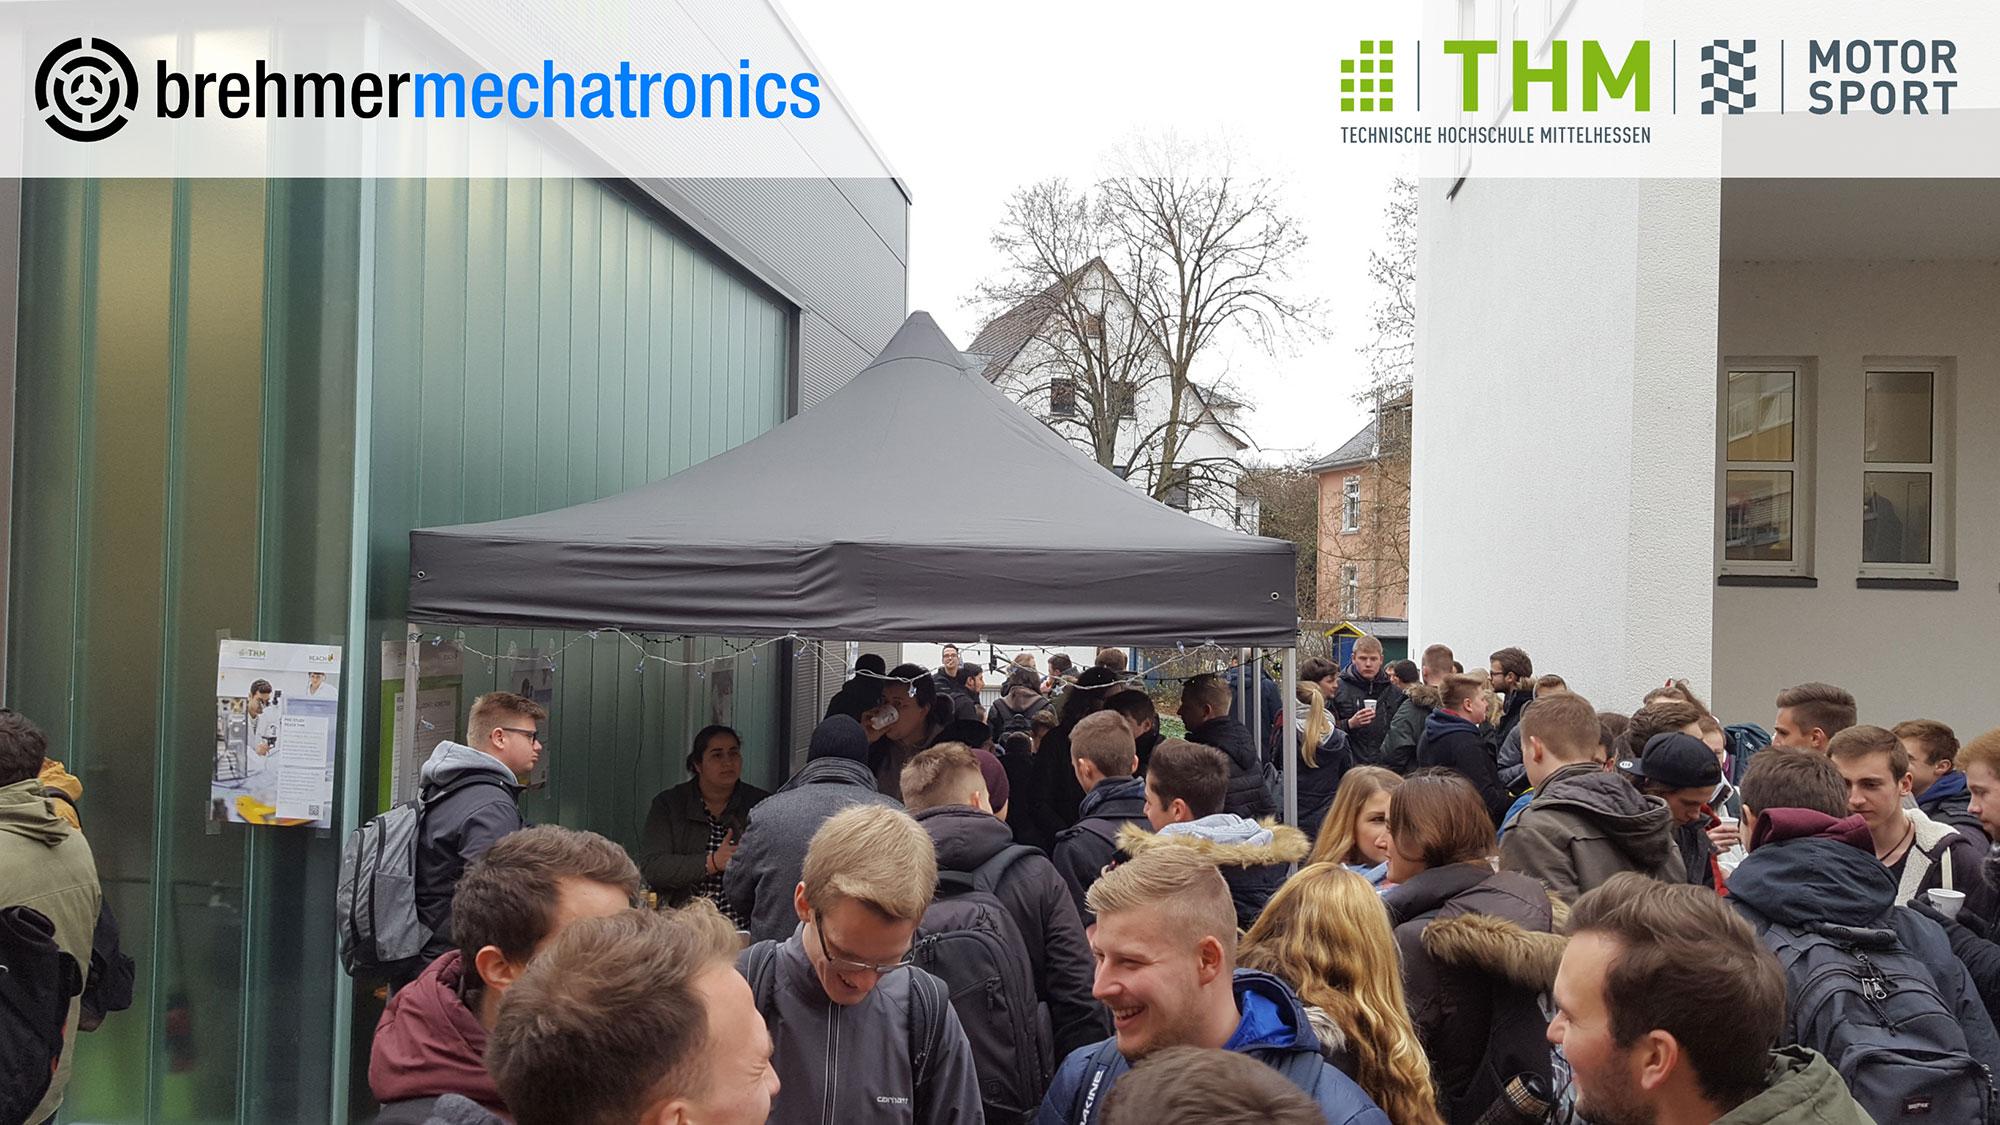 December 2017: brehmermechatronics supports the Technische Hochschule Mittelhessen (THM)